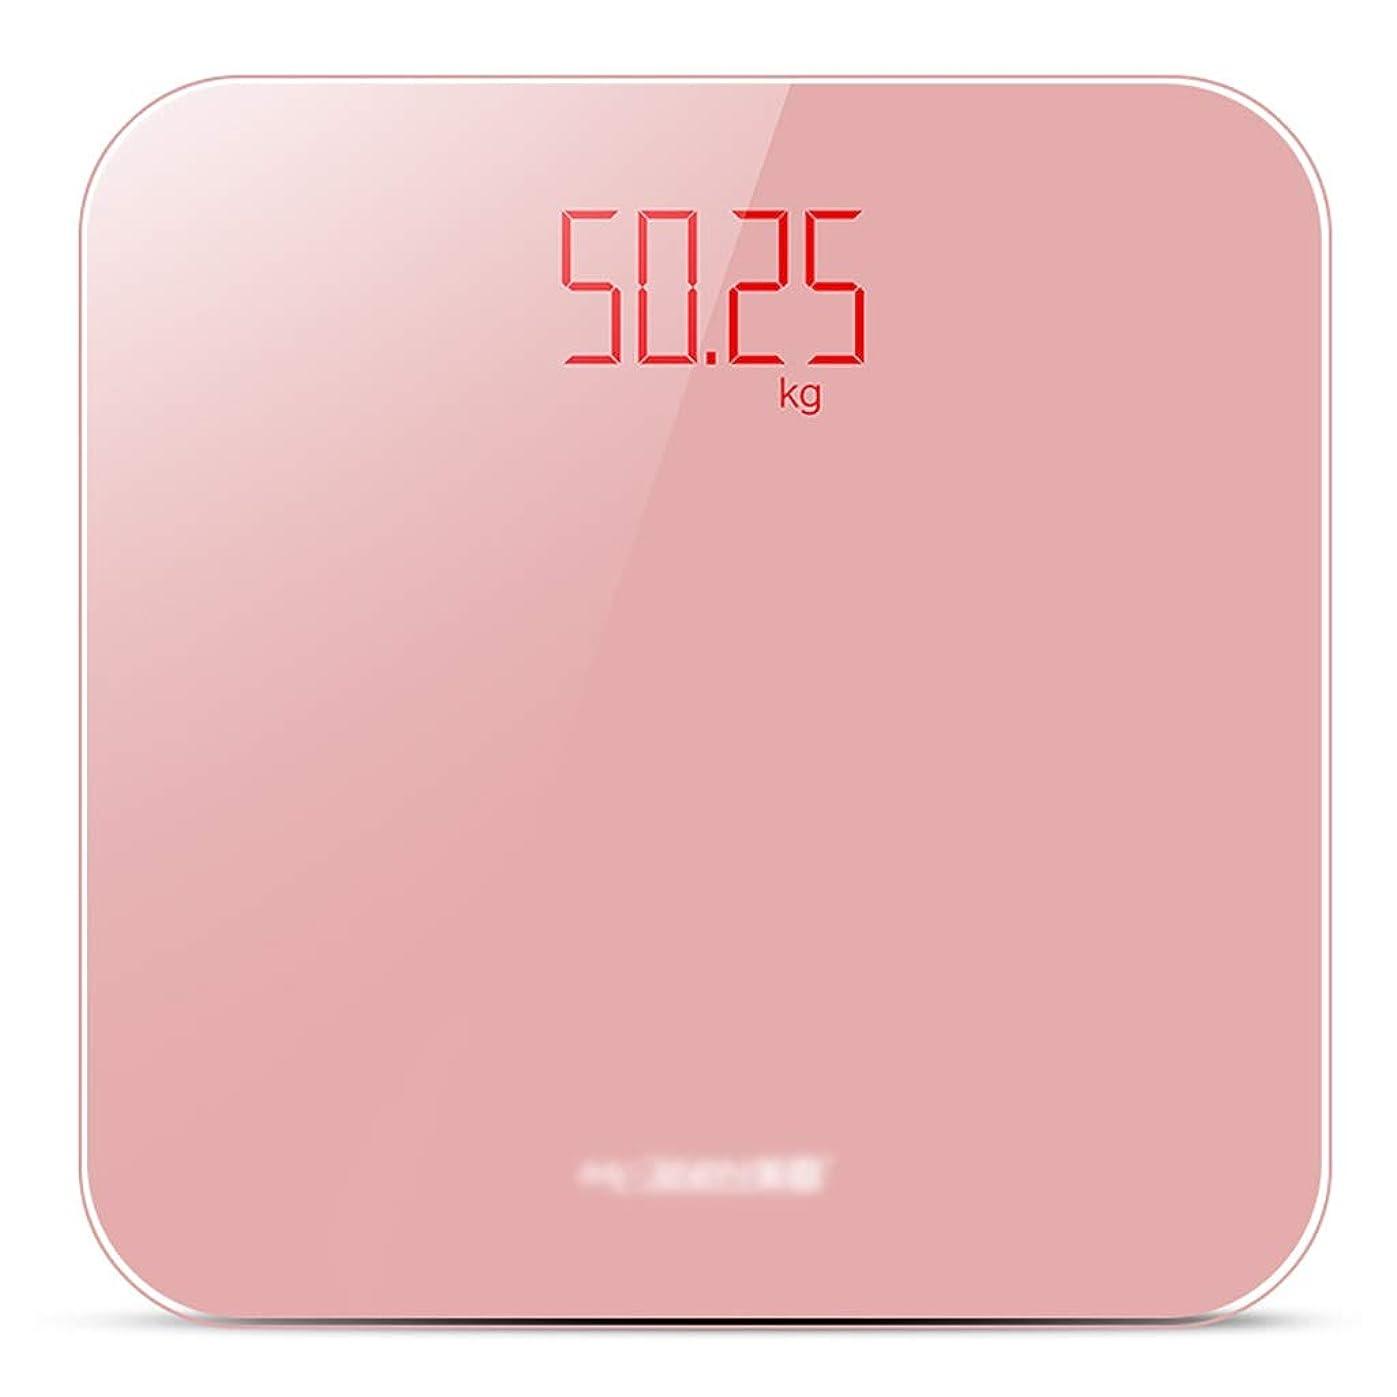 タイヤ後継ロープ体重計強化ガラス電子スケール付きLEDディスプレイ家庭用精密コンパクト成人用体重計充電式180kg(28x28x2.3cm)に耐えることができます (Color : Pink)